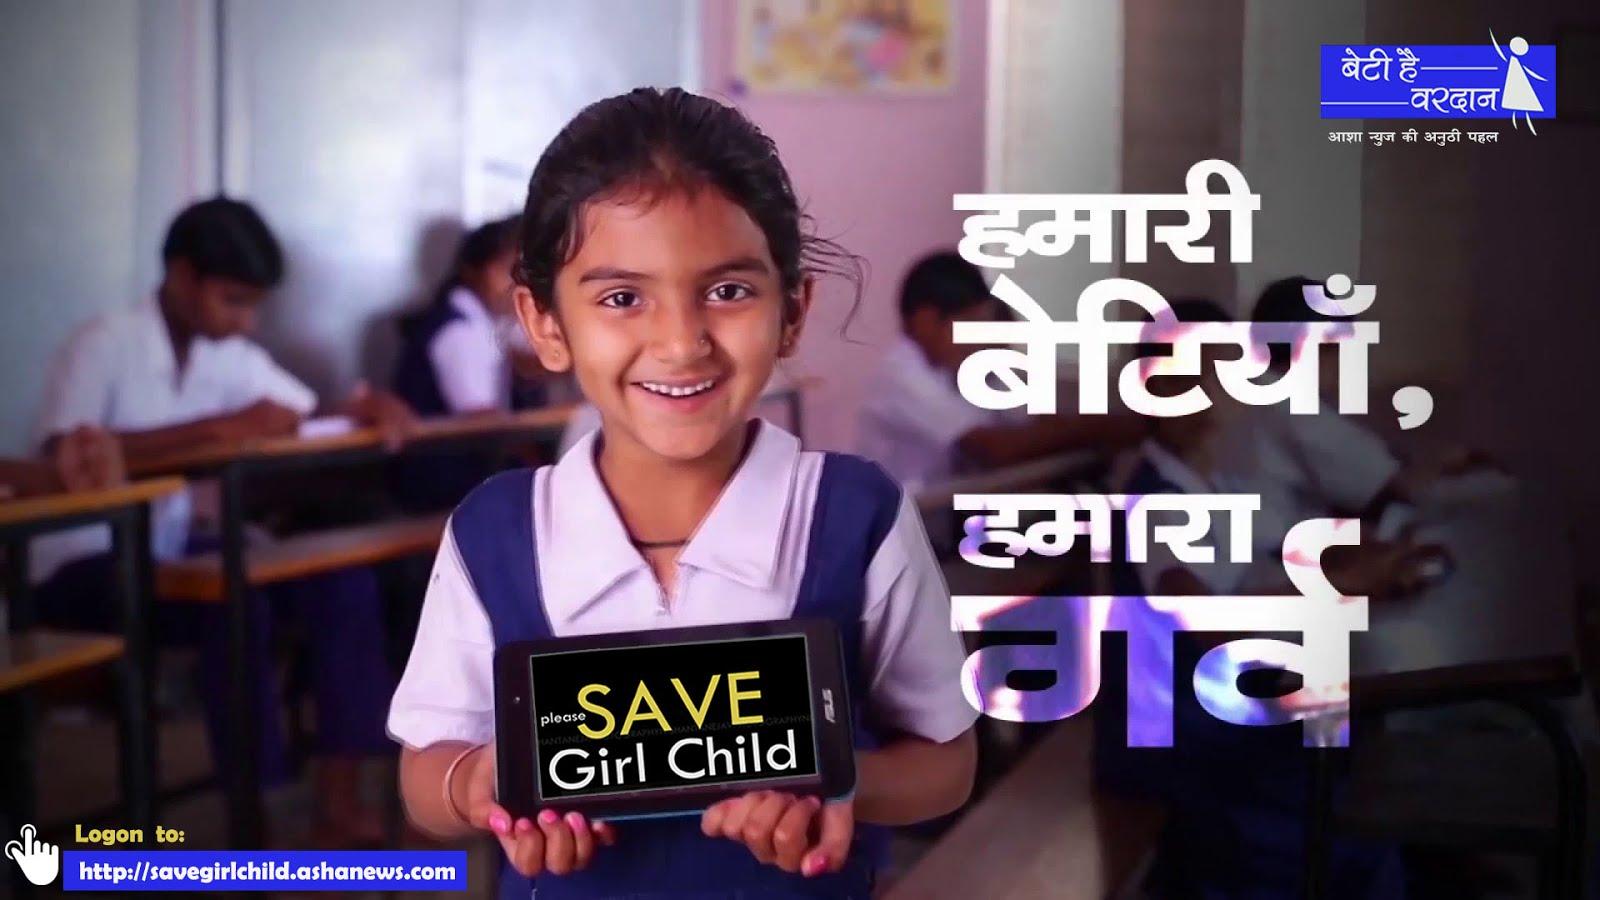 बेटी है तो कल है - बेटी है वरदान-beti-hai-vardaan-beti-hai-to-kal-hai-